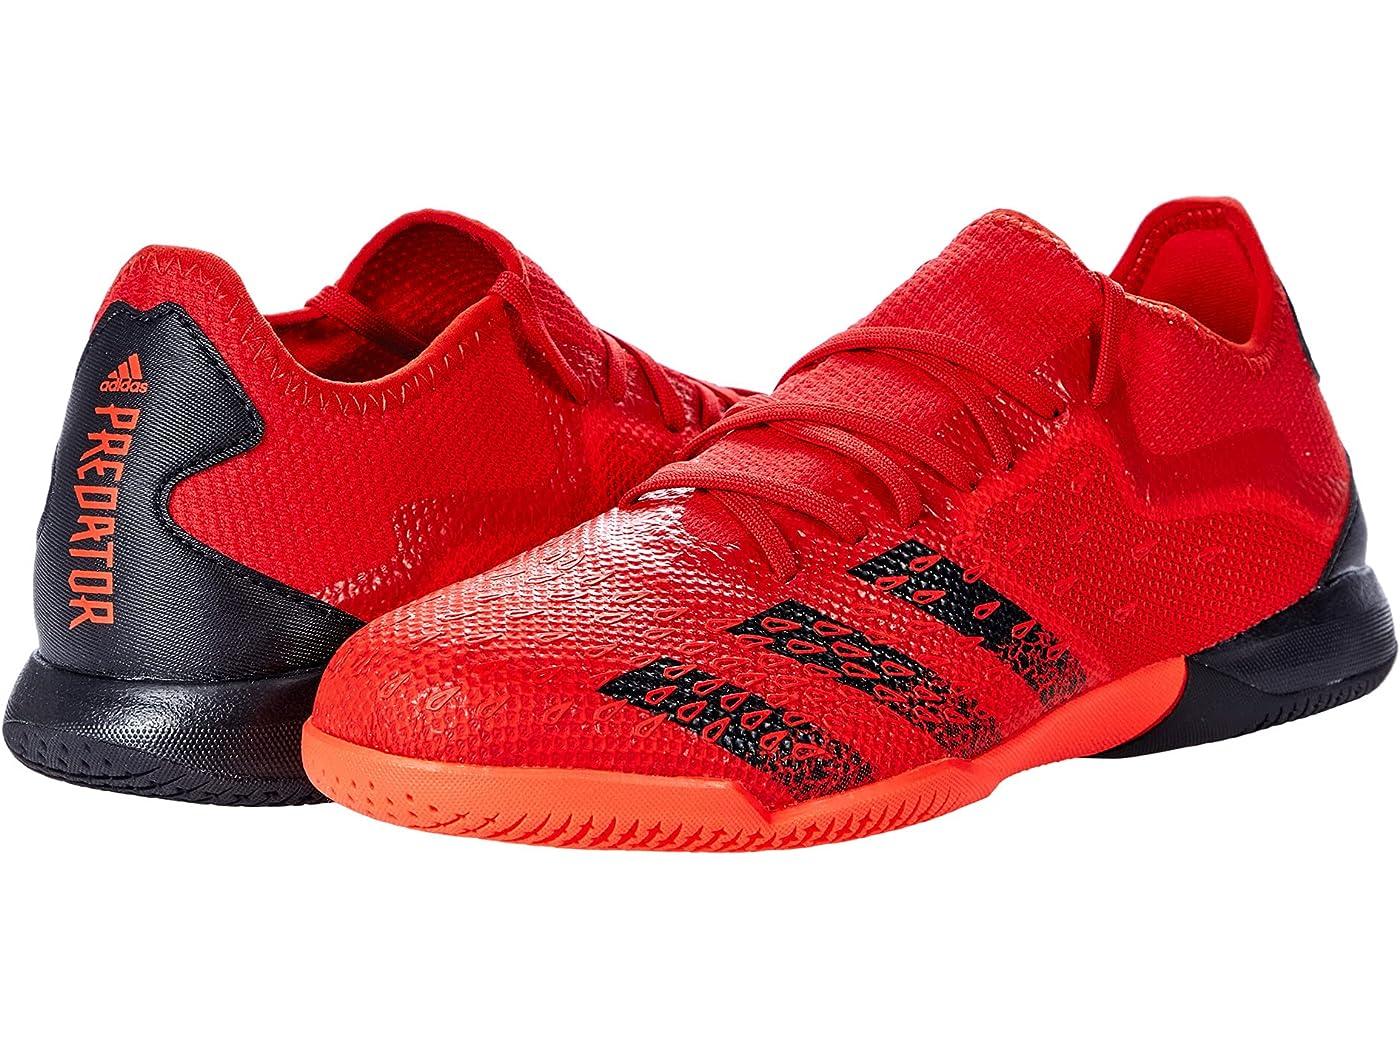 Adidas Predator Freak 3 Low Indoor Soccer Cleats